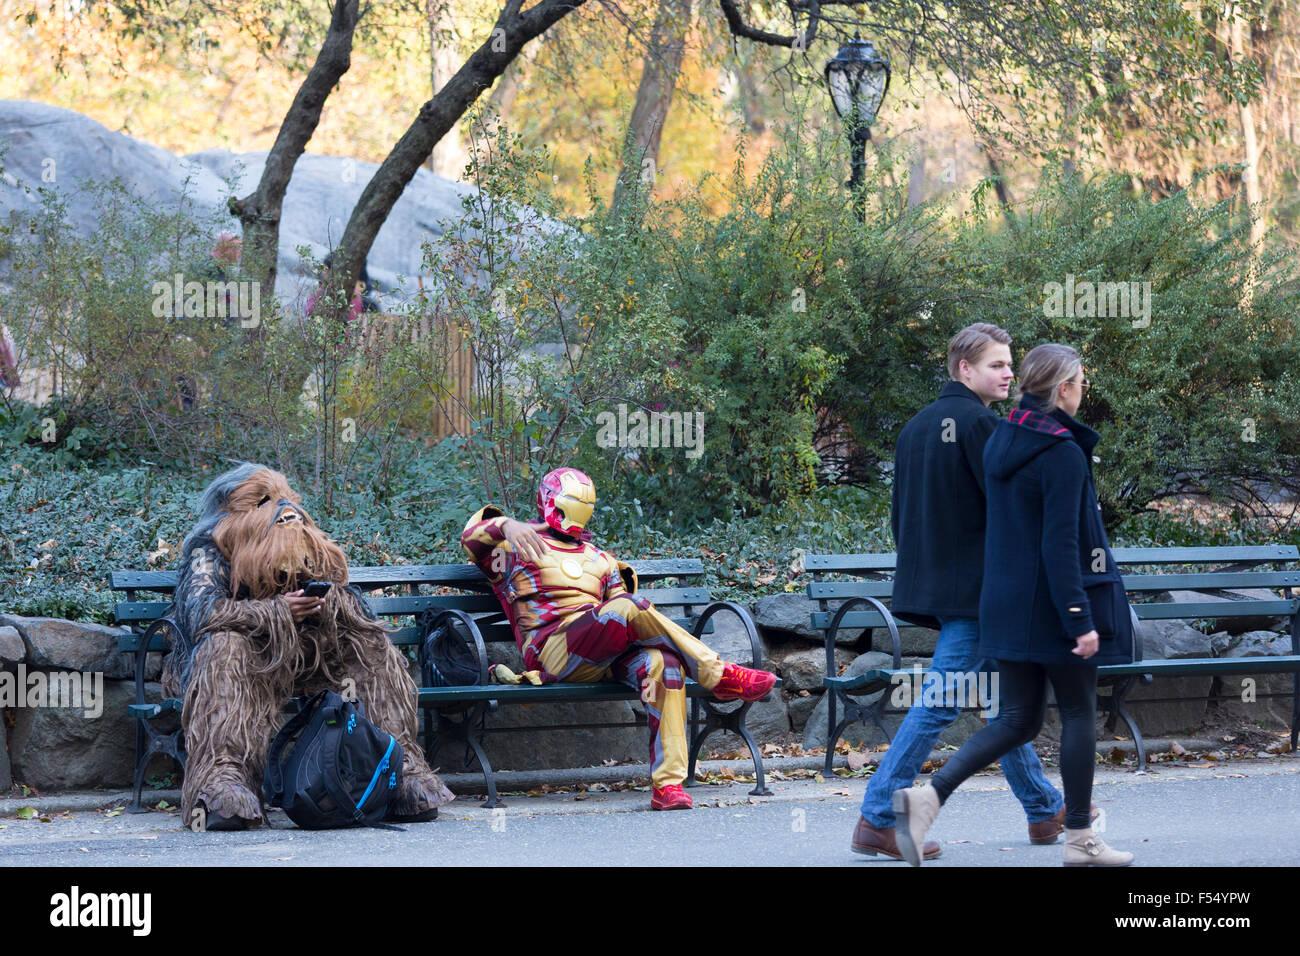 Filmfiguren in Kostüm chillen auf der Parkbank, als Paar im Winter im Central Park, New York, USA vorbeigehen Stockbild